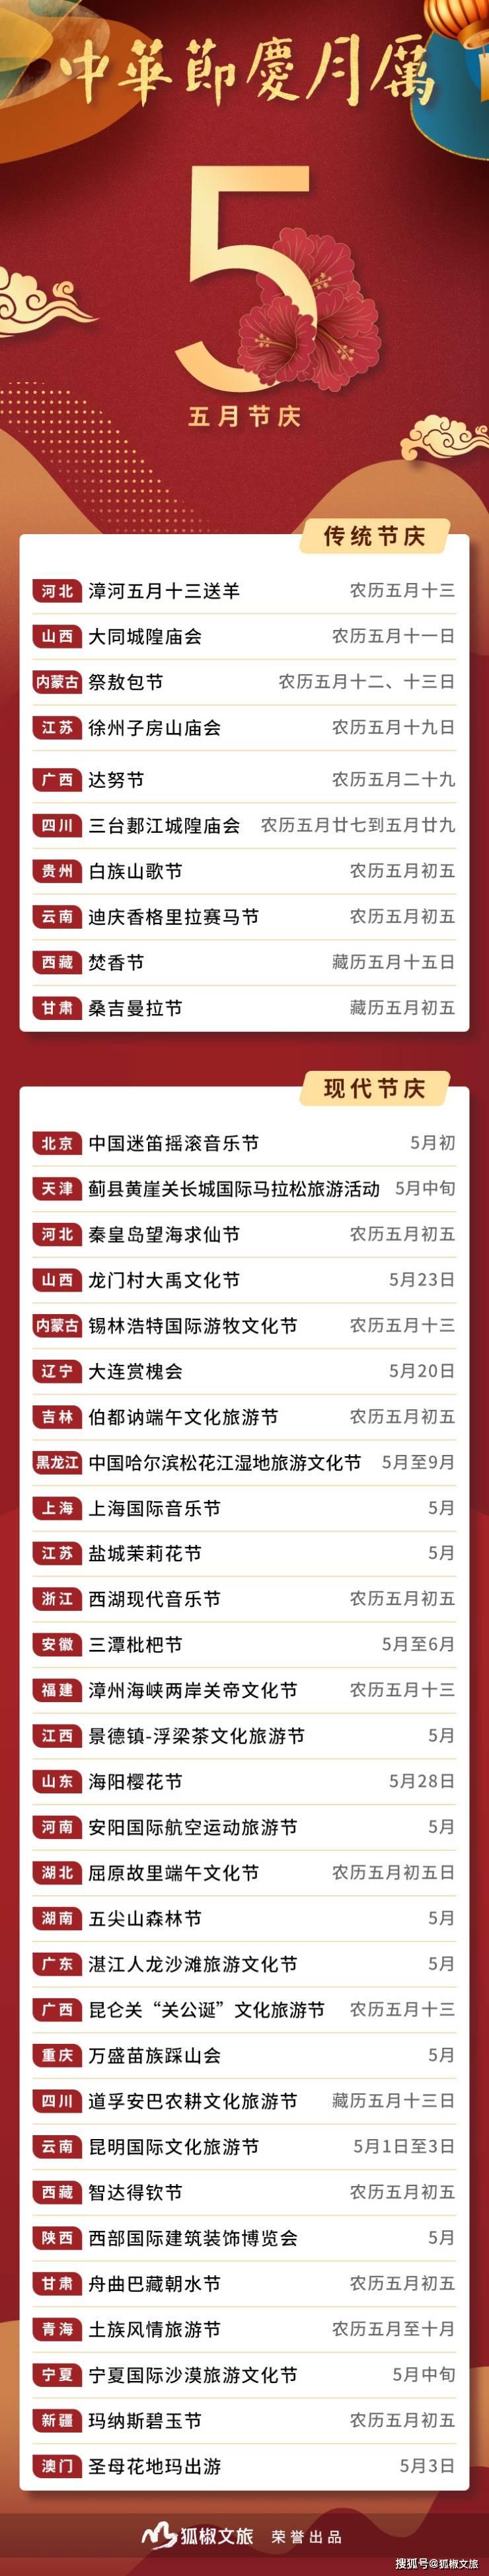 中华节庆月历|5月节庆:广西达努节 上海国际音乐节等你来!